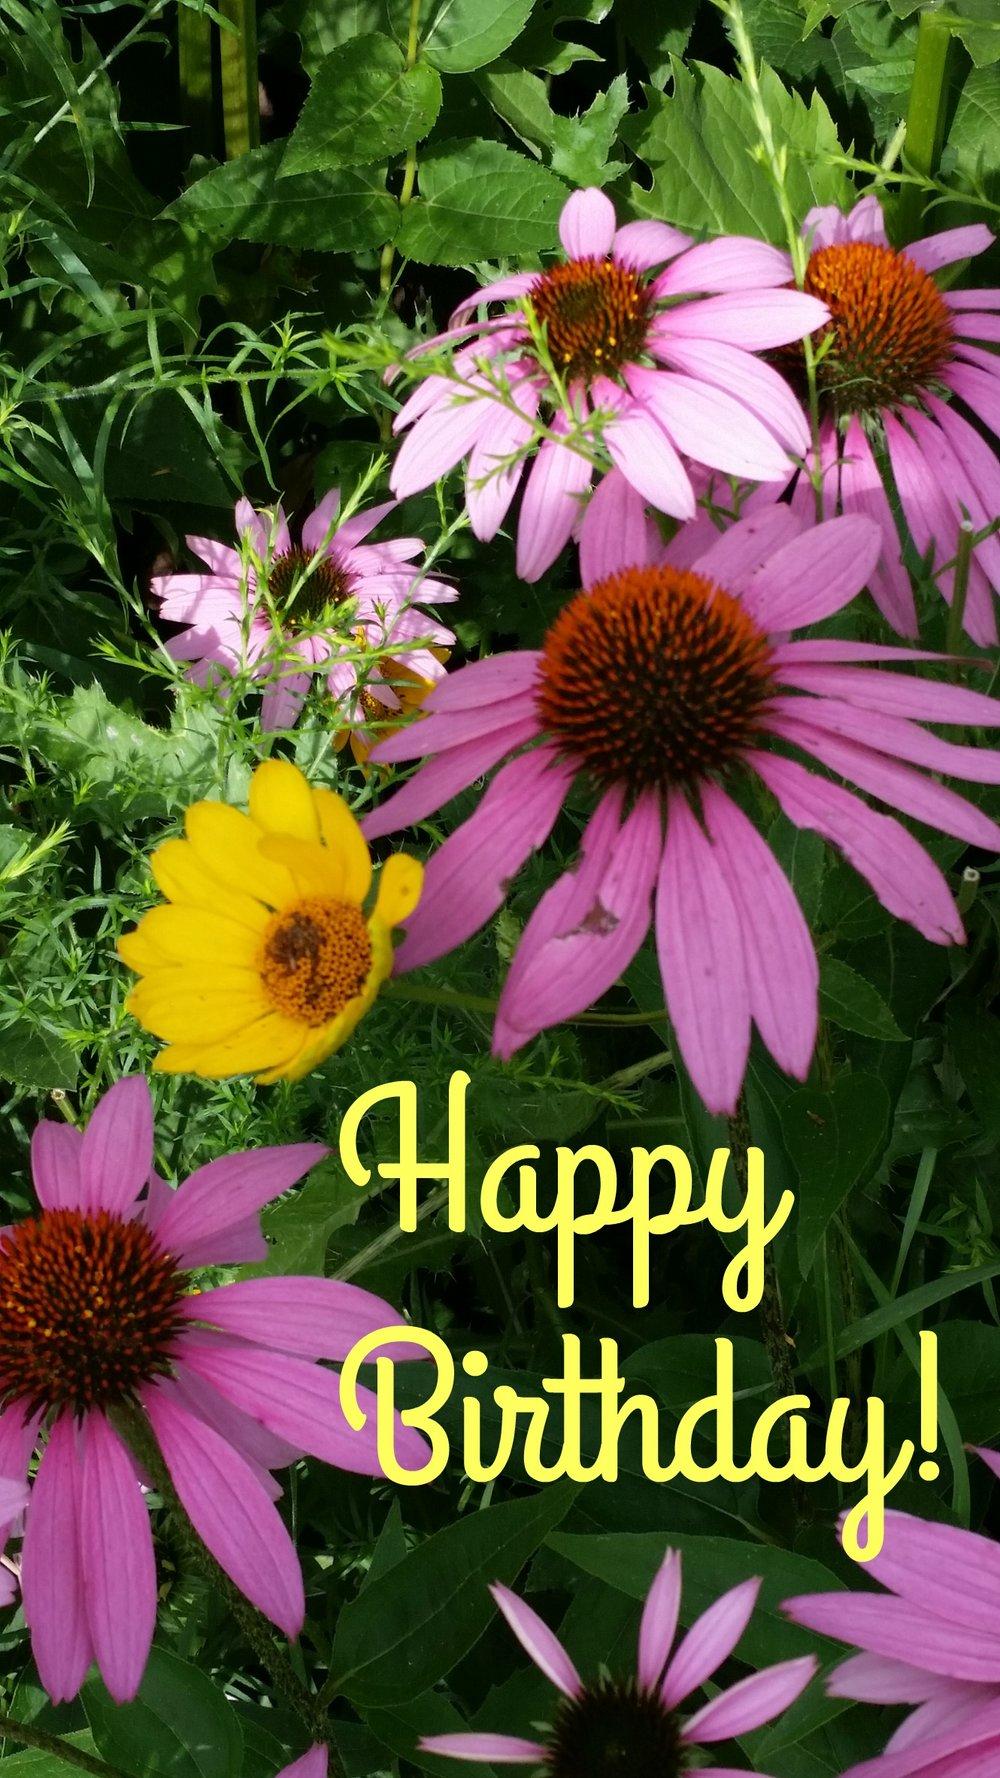 HBwildflowers.jpg